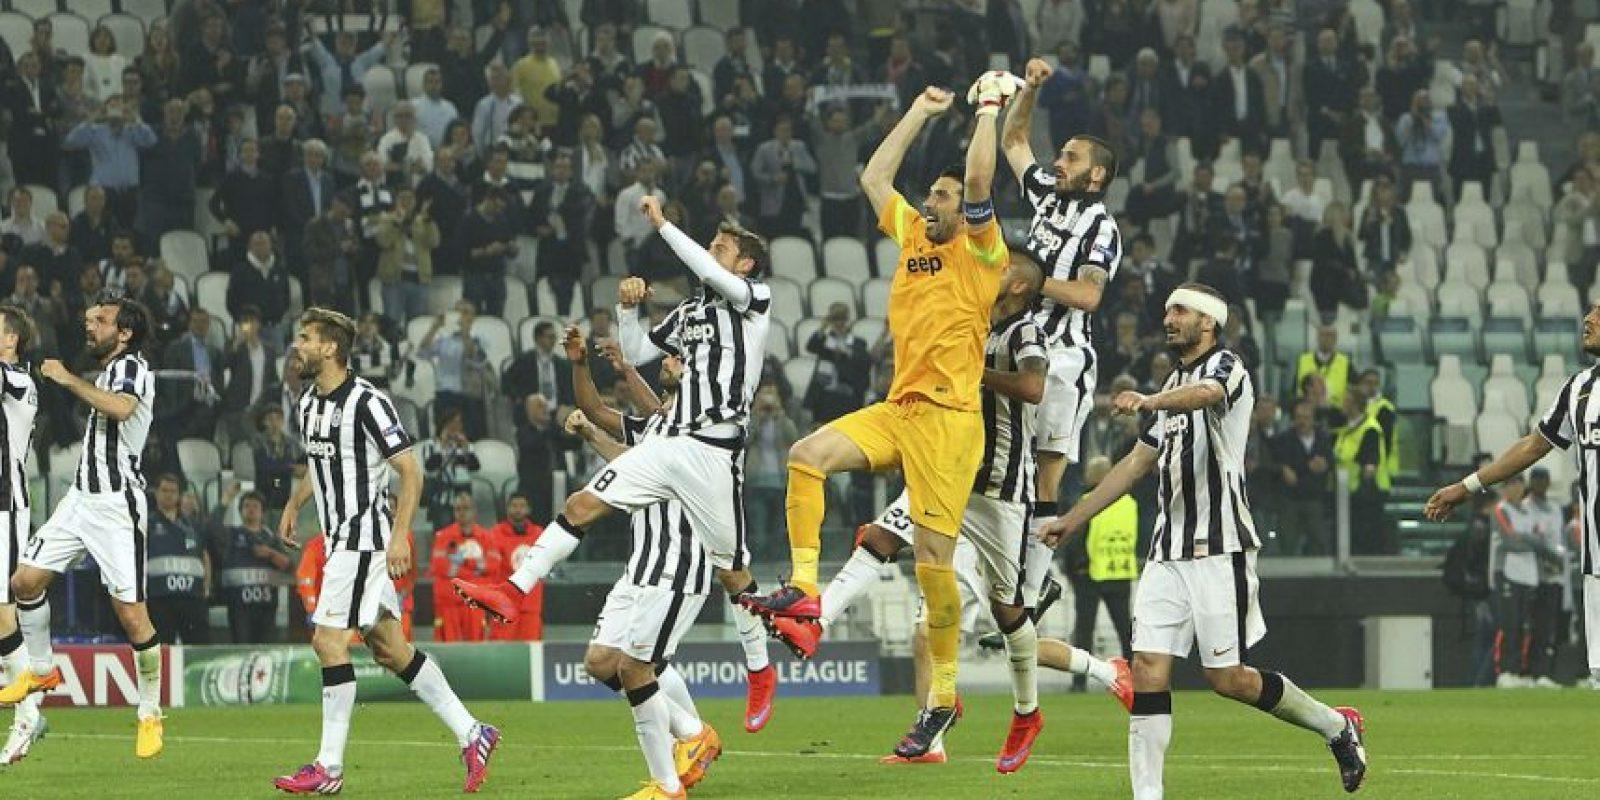 Juve venció 2-1 al Real Madrid, en Turín, en el partido de ida Foto:Getty Images